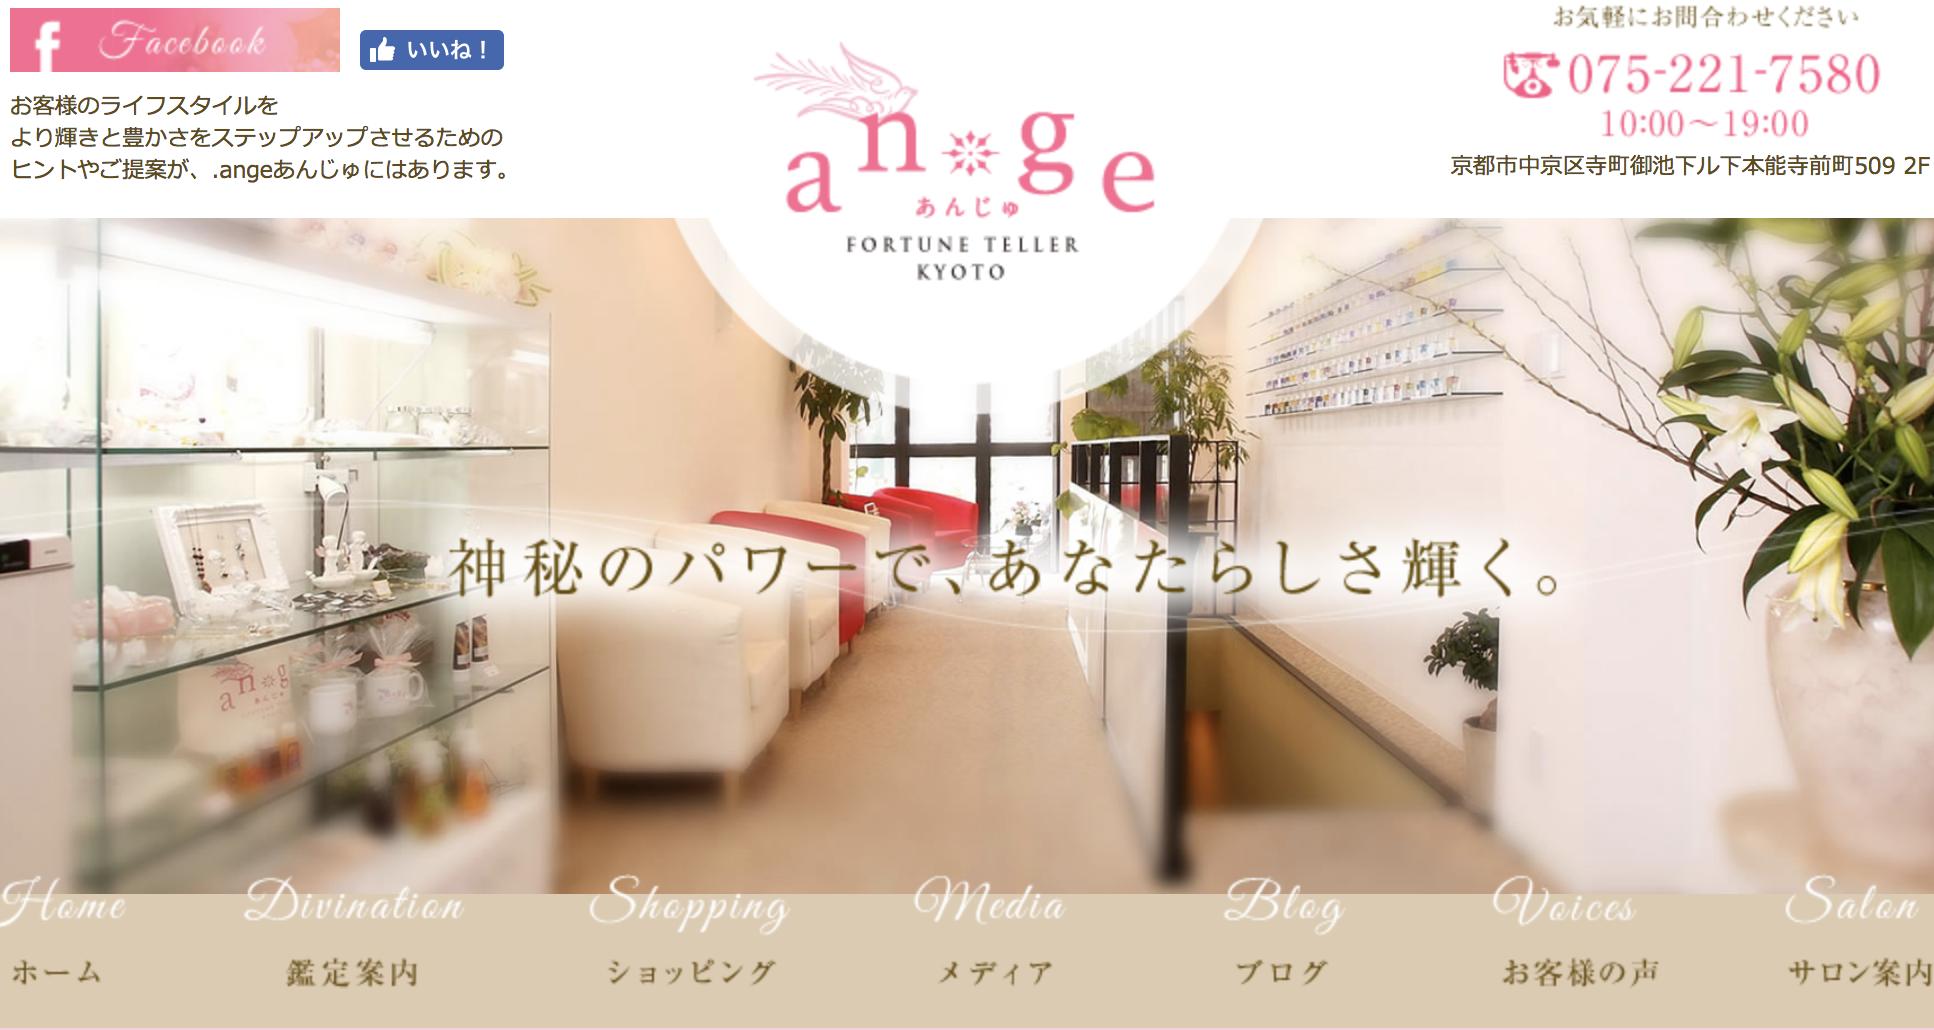 .angeあんじゅの公式ホームページ